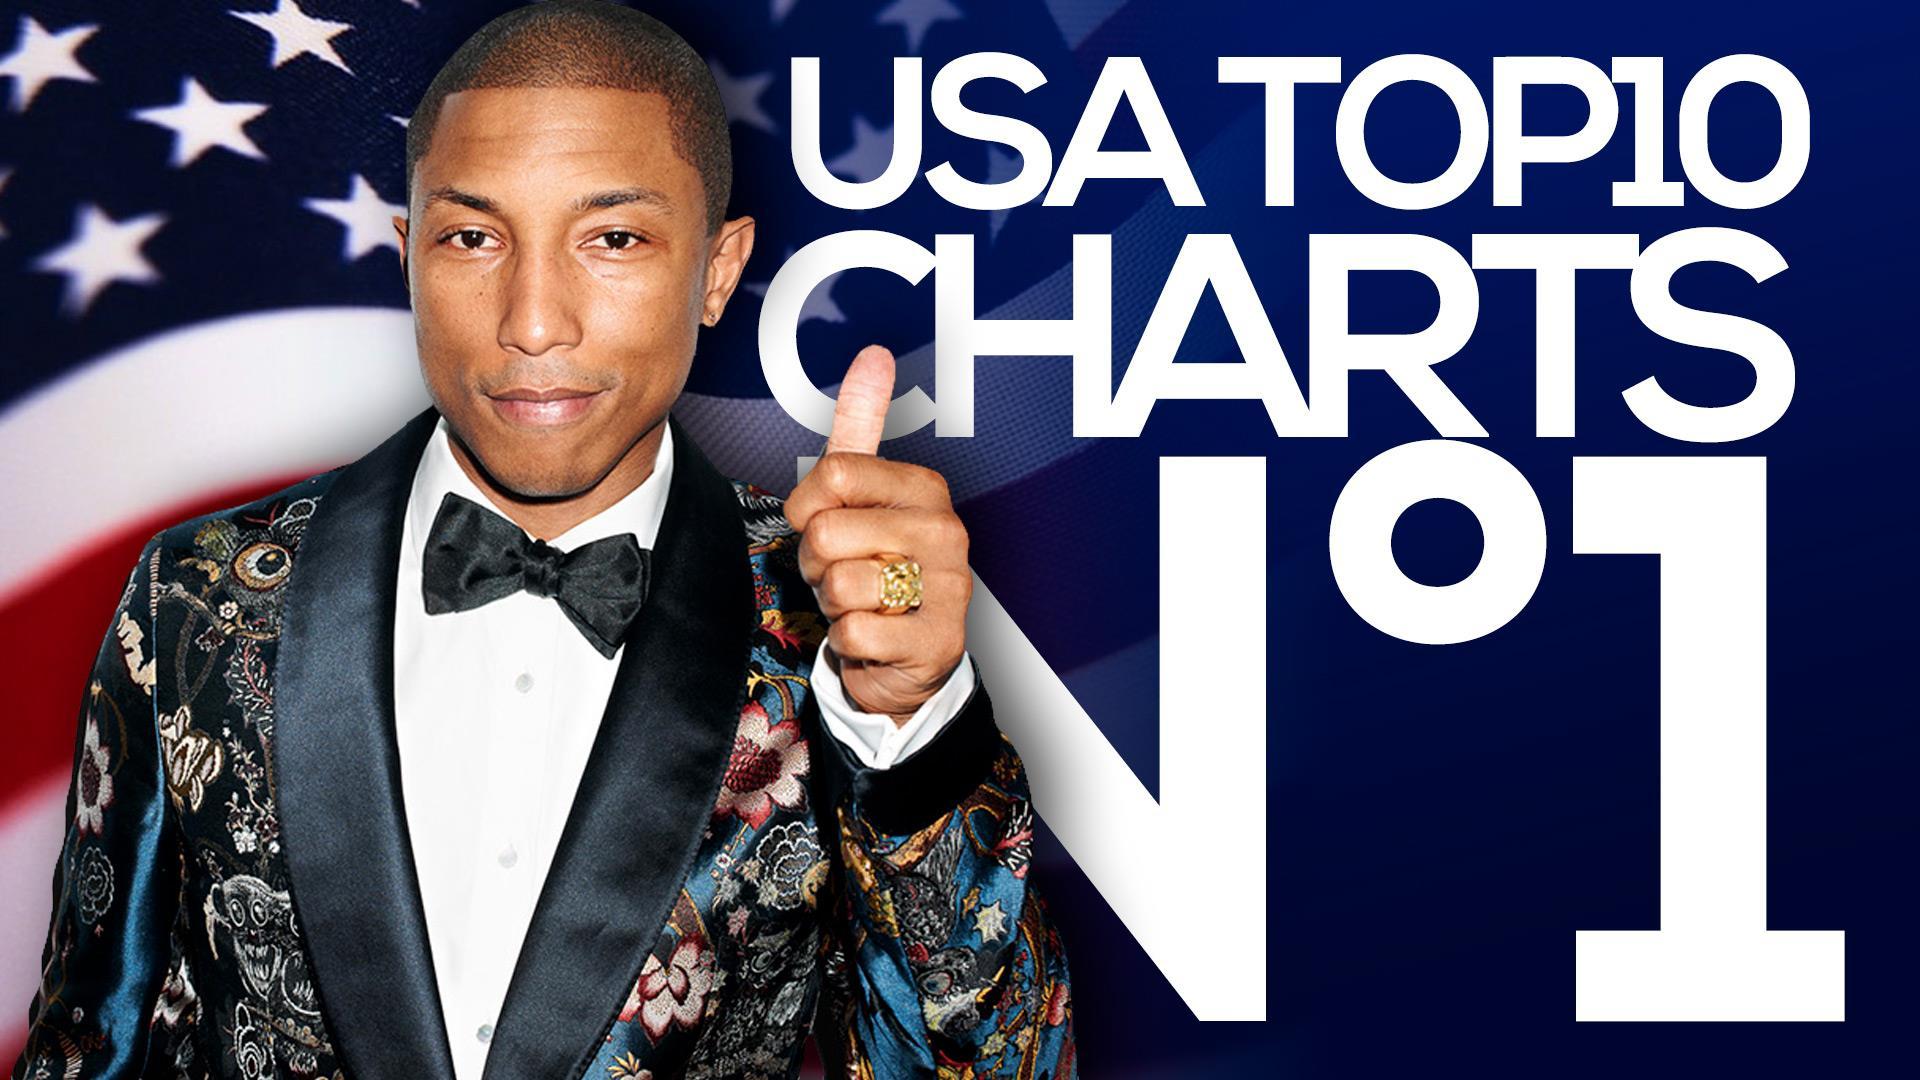 Top10 USA